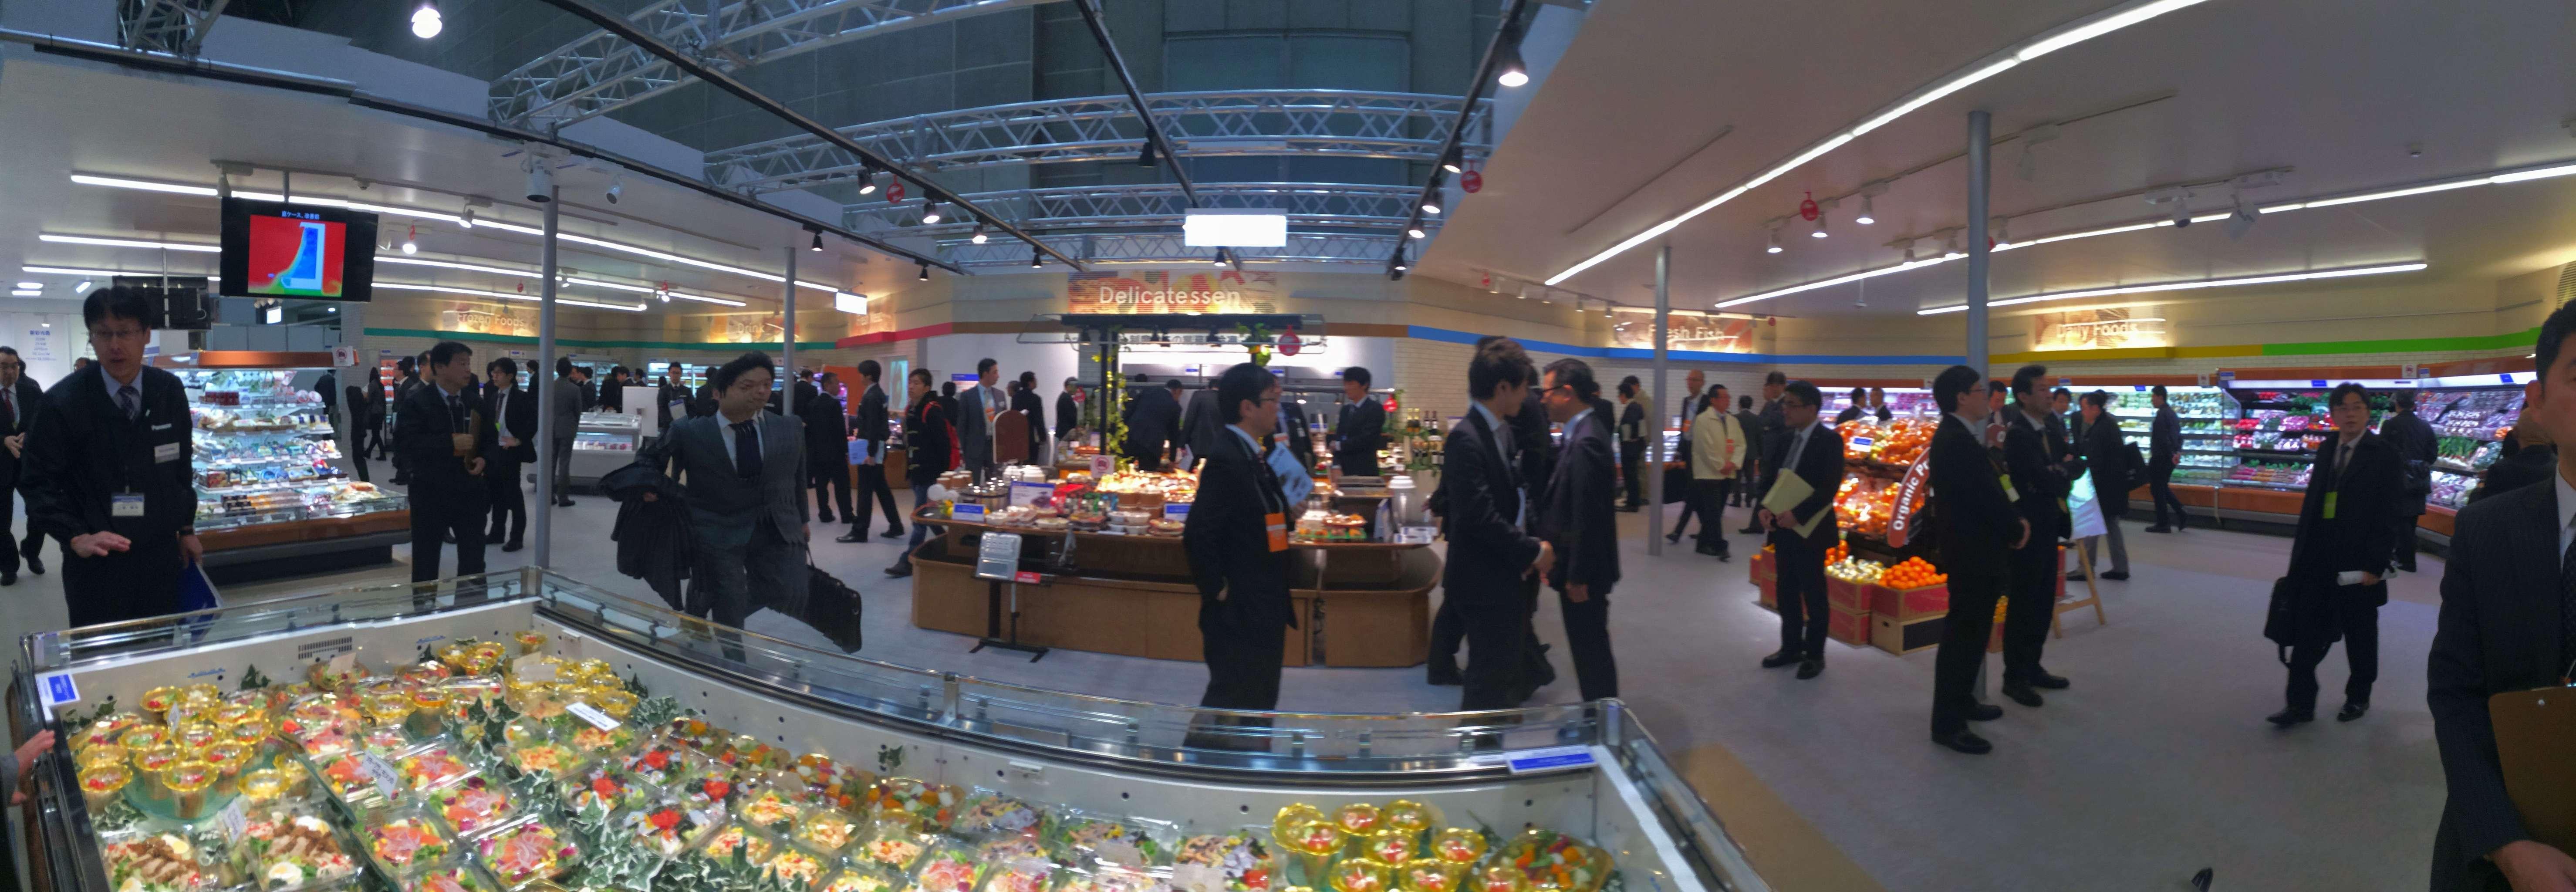 スーパーマーケット・トレードショー2015 パナソニックブース 内観